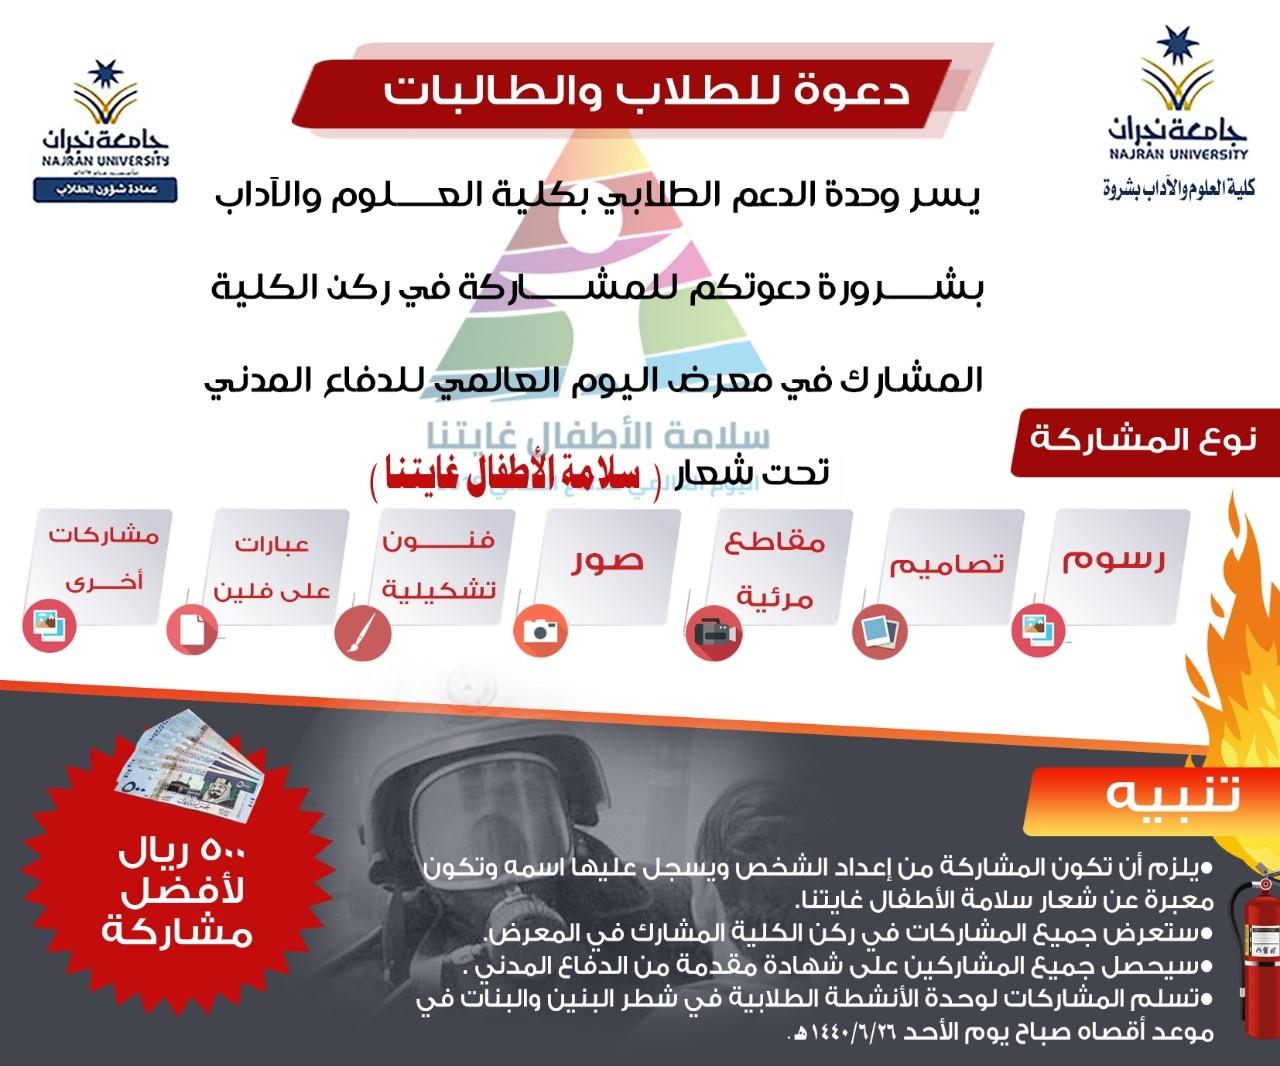 المطويات - بوابة الثانوية العامة المصرية